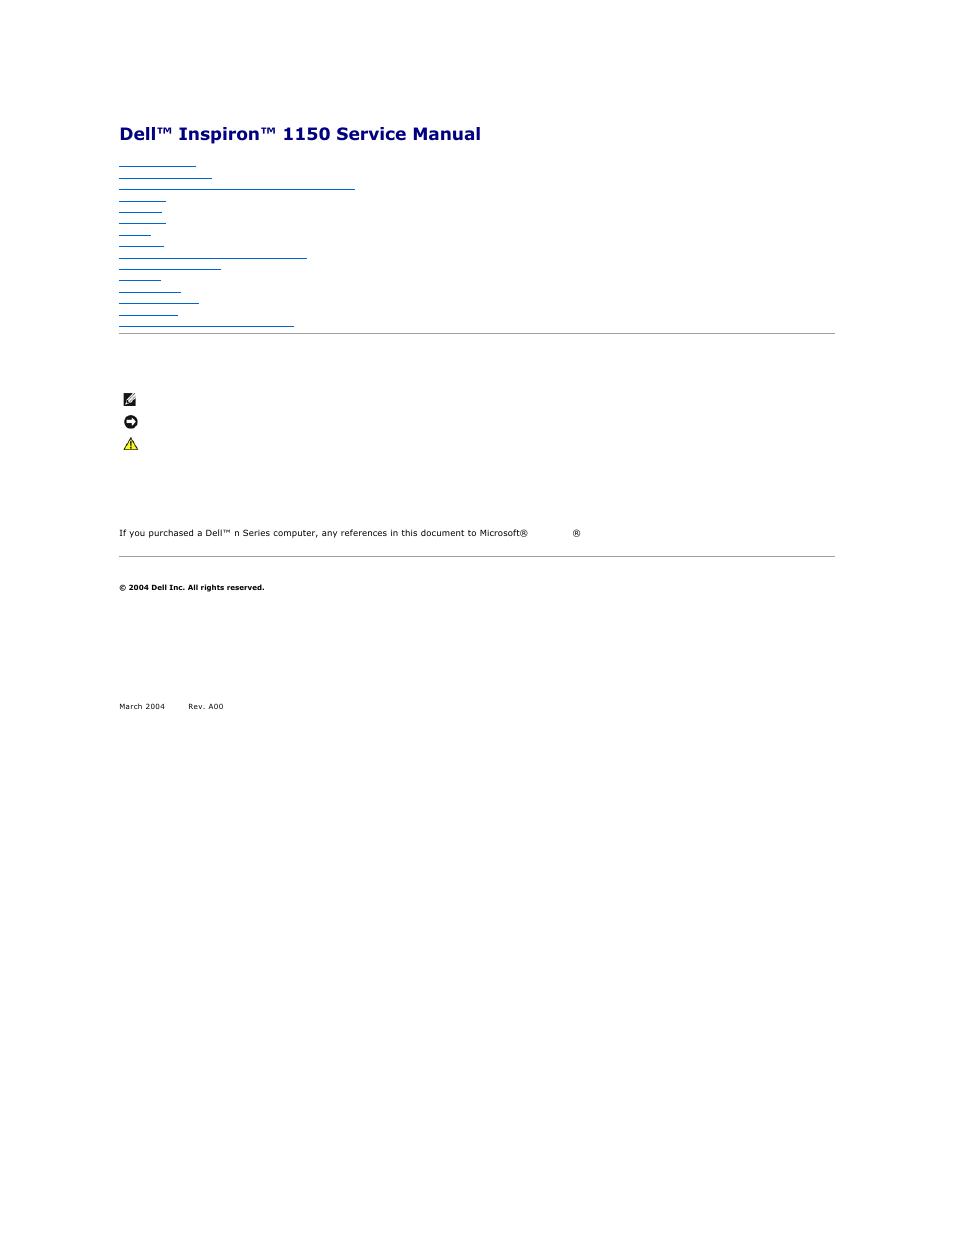 Dell Inspiron 1150 Service Manual Pdf